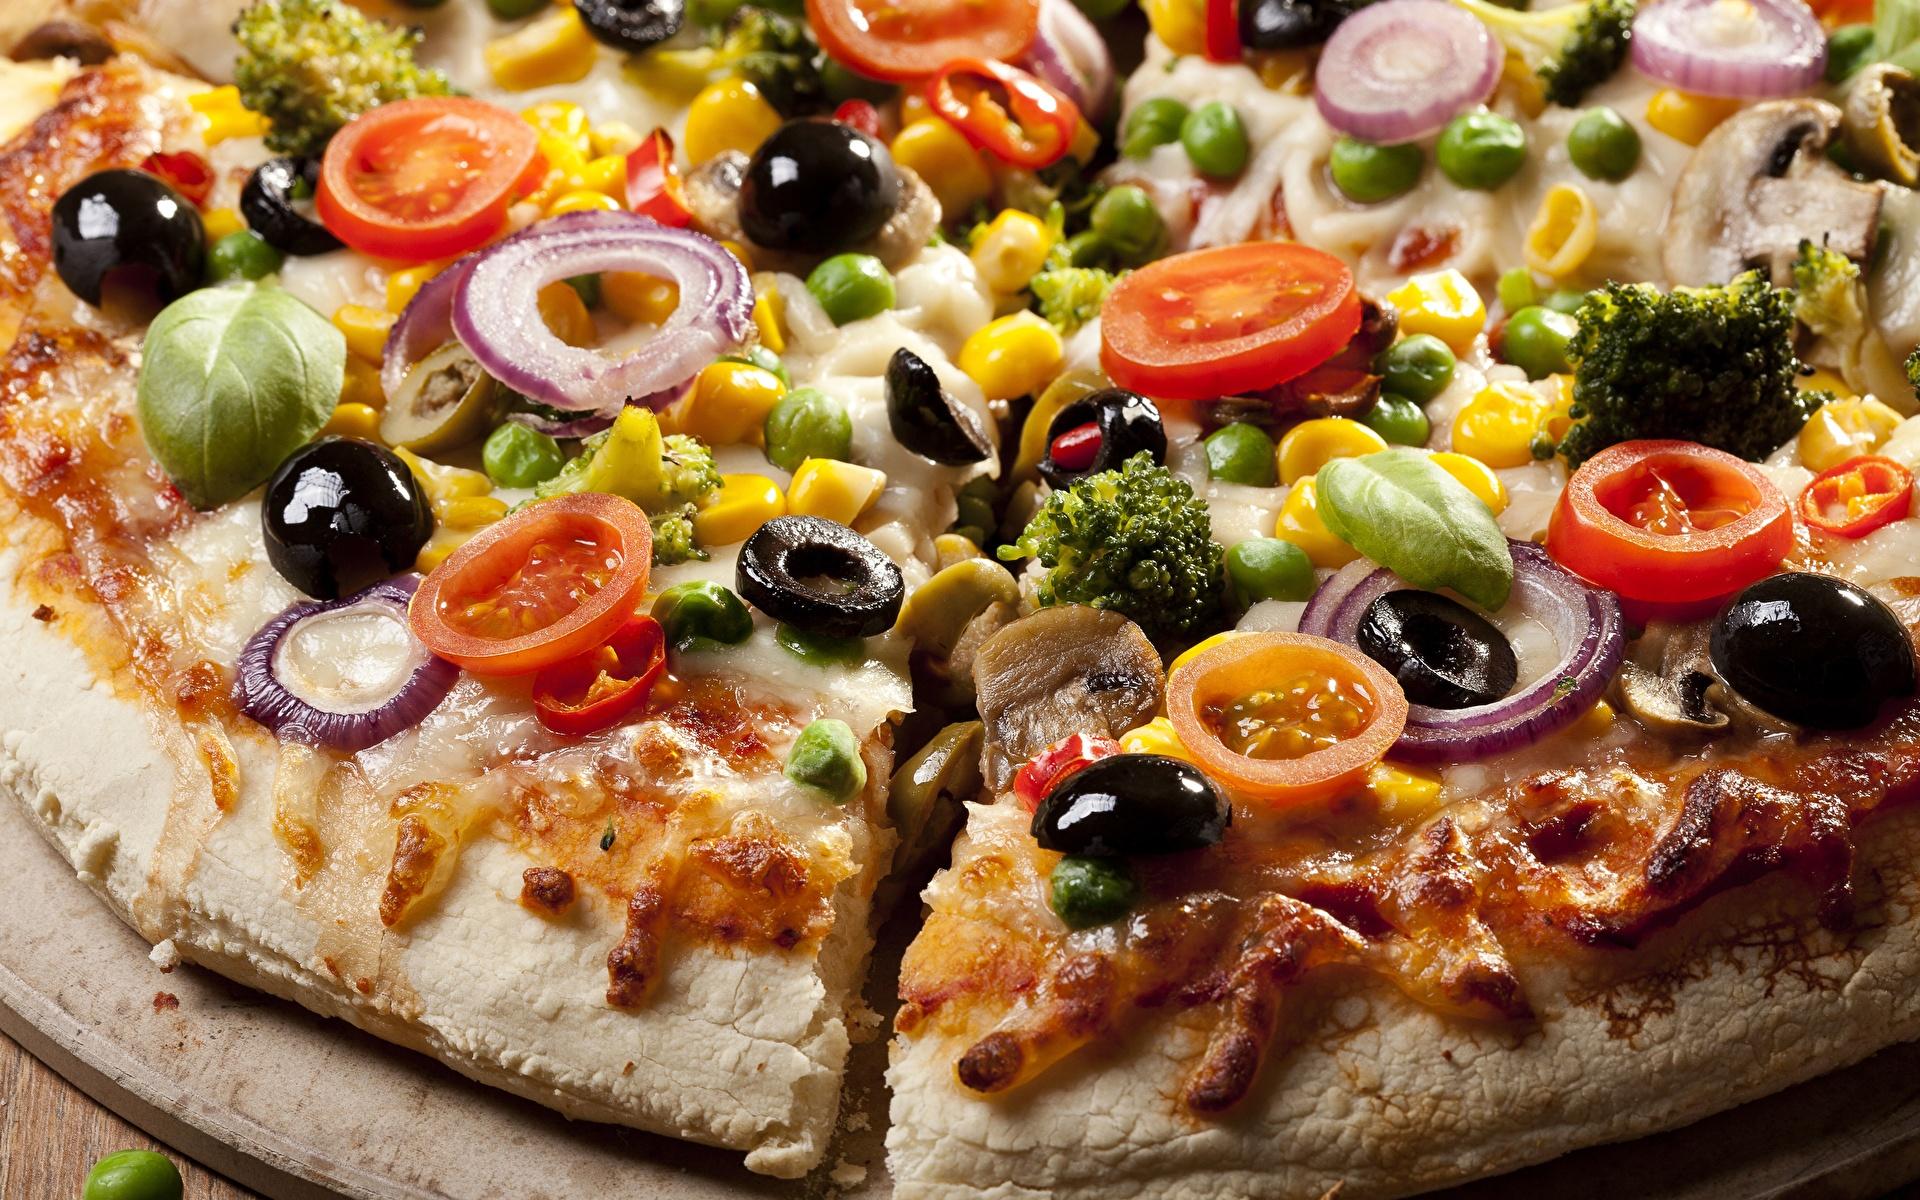 Фото Пища Пицца Оливки вблизи 1920x1200 Еда Продукты питания Крупным планом